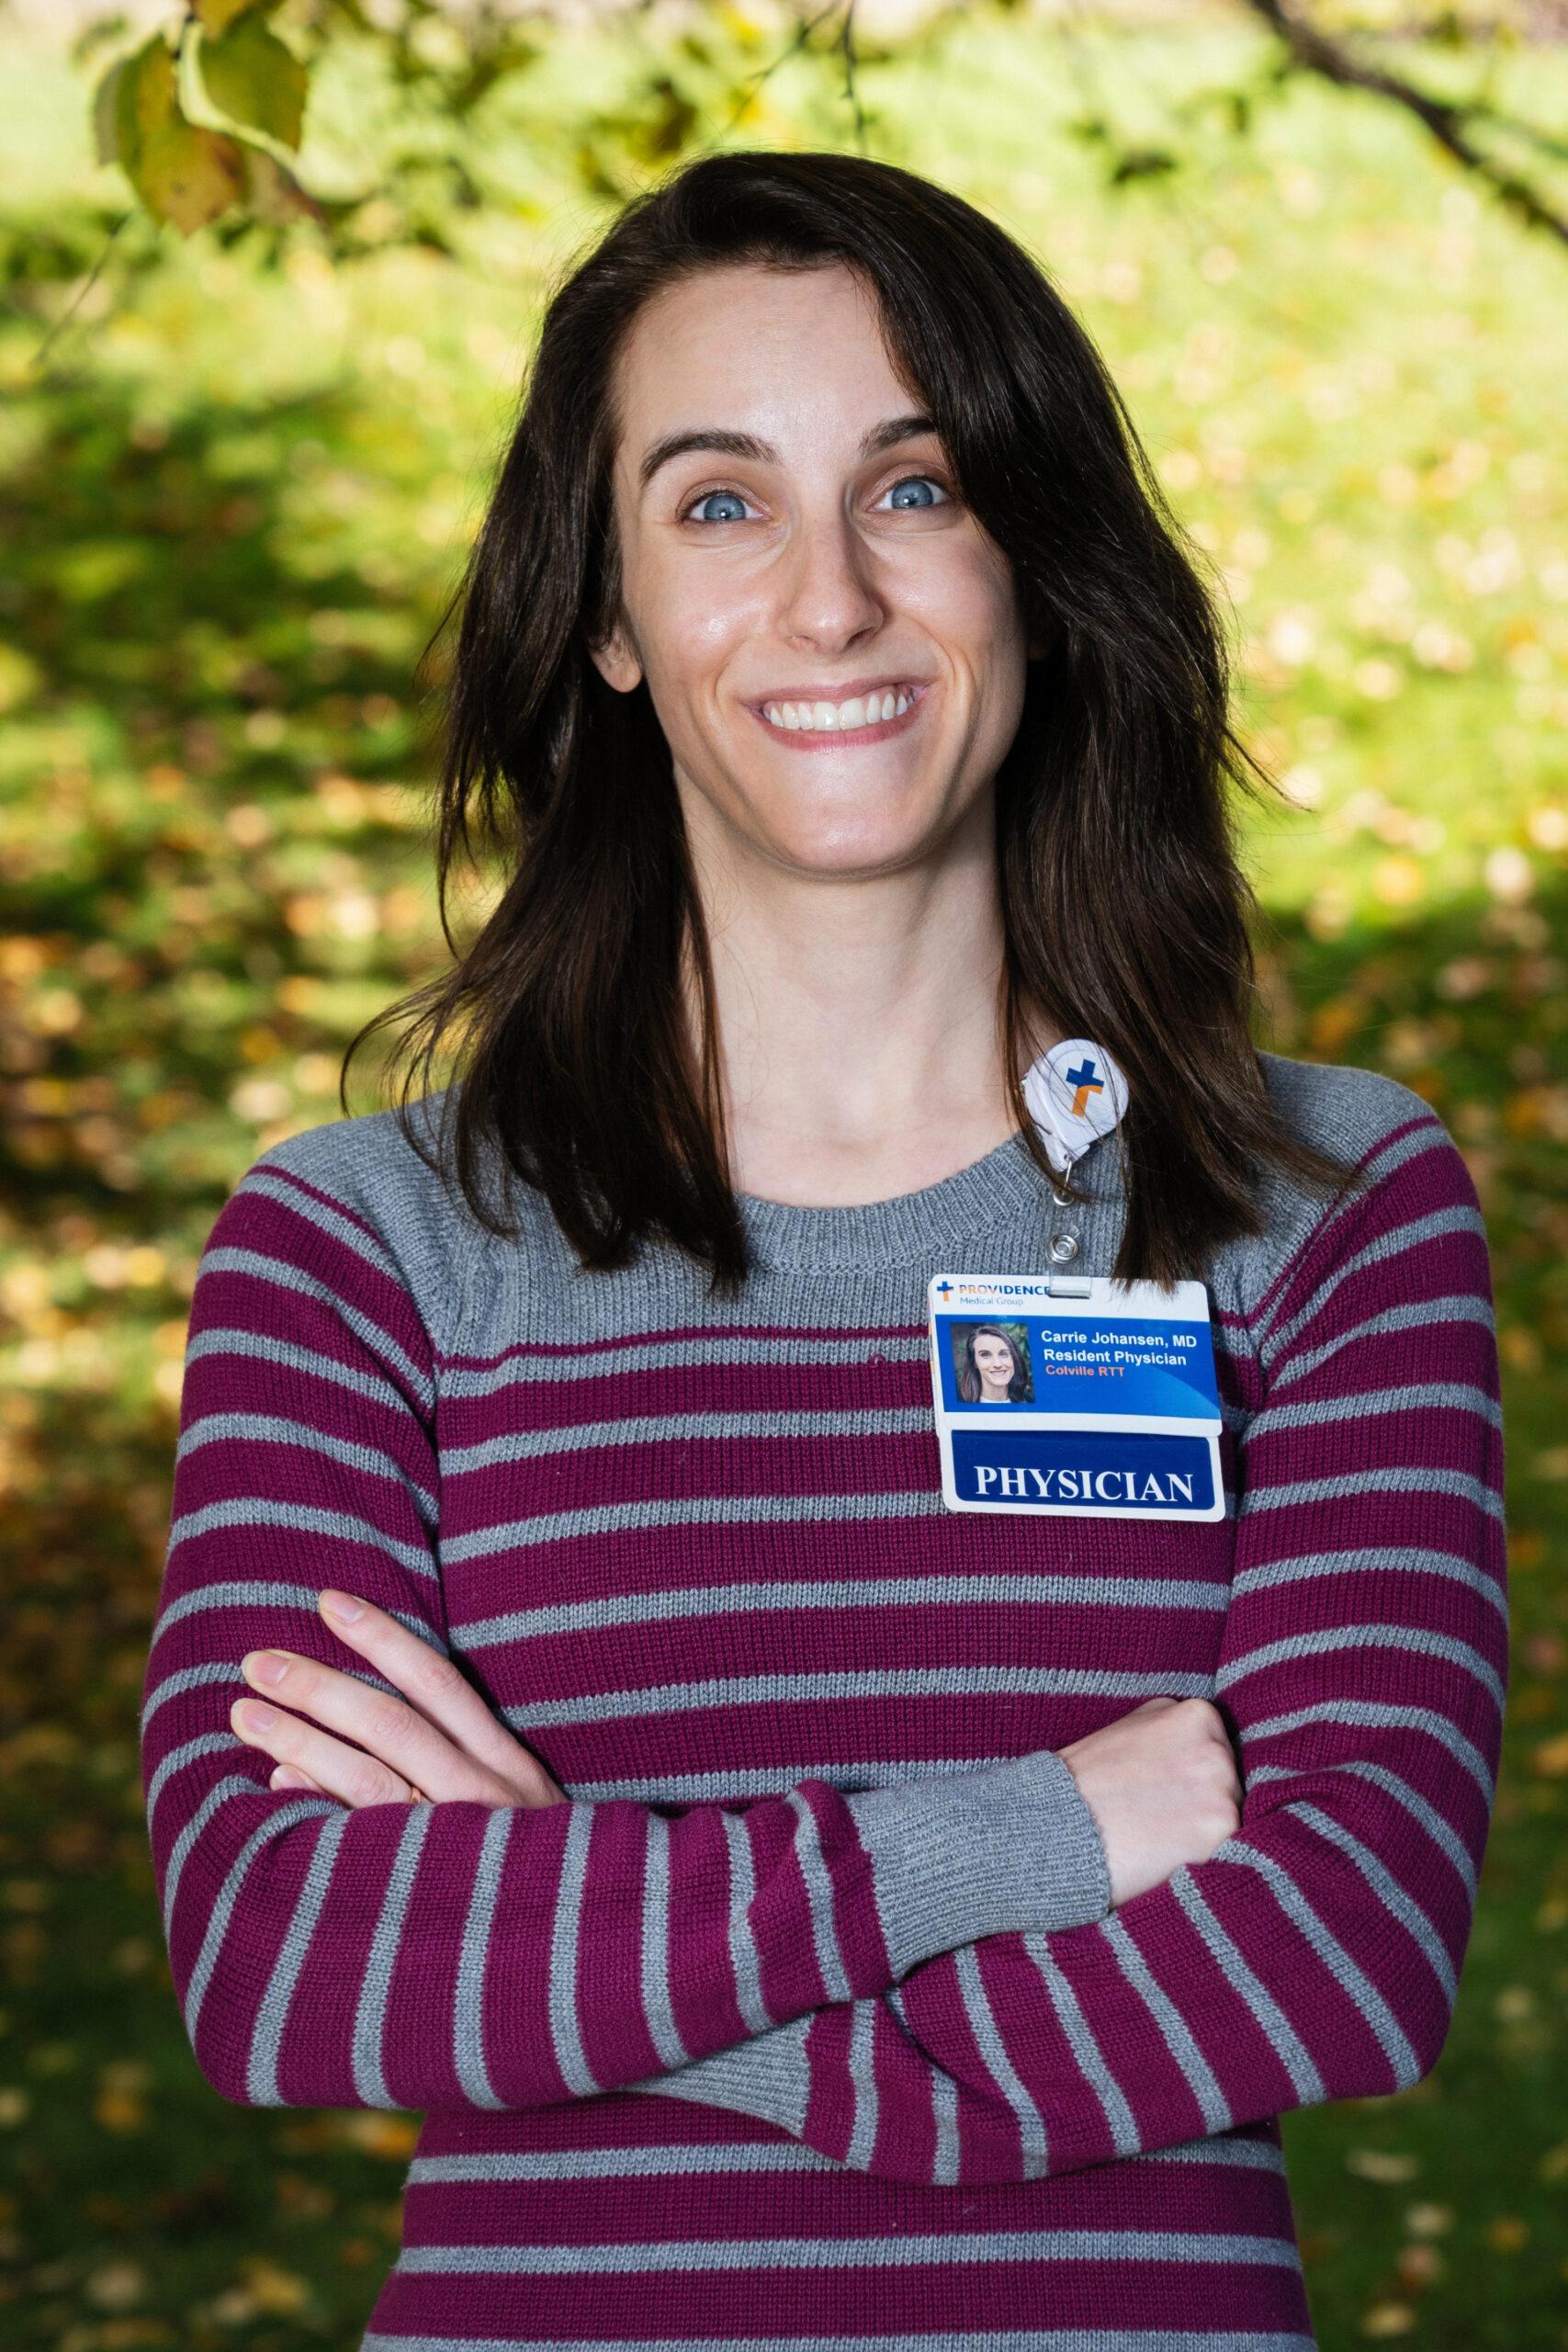 Carrie Johansen, MD